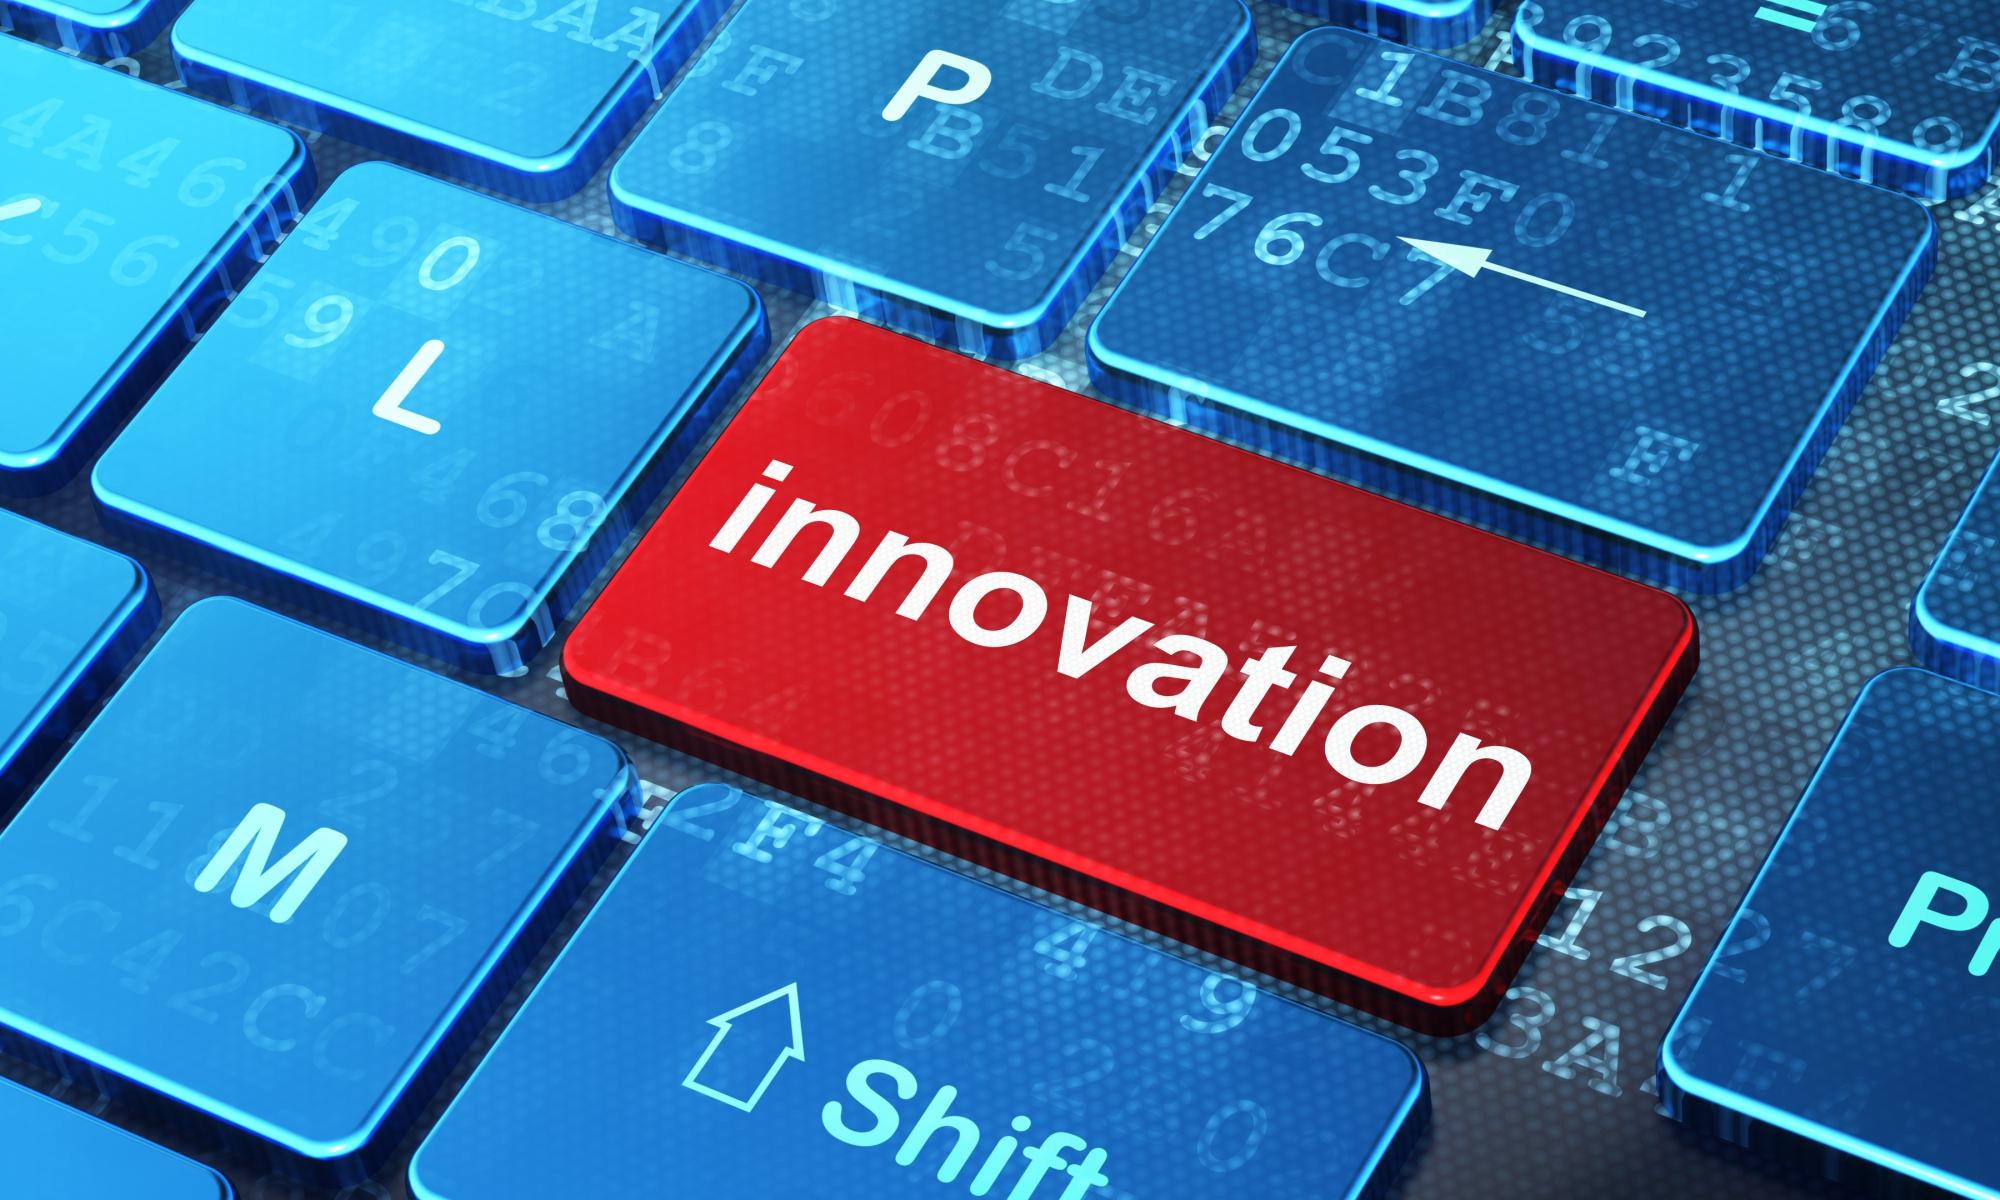 Teclado de ordanedor con la palabra innovación destacada